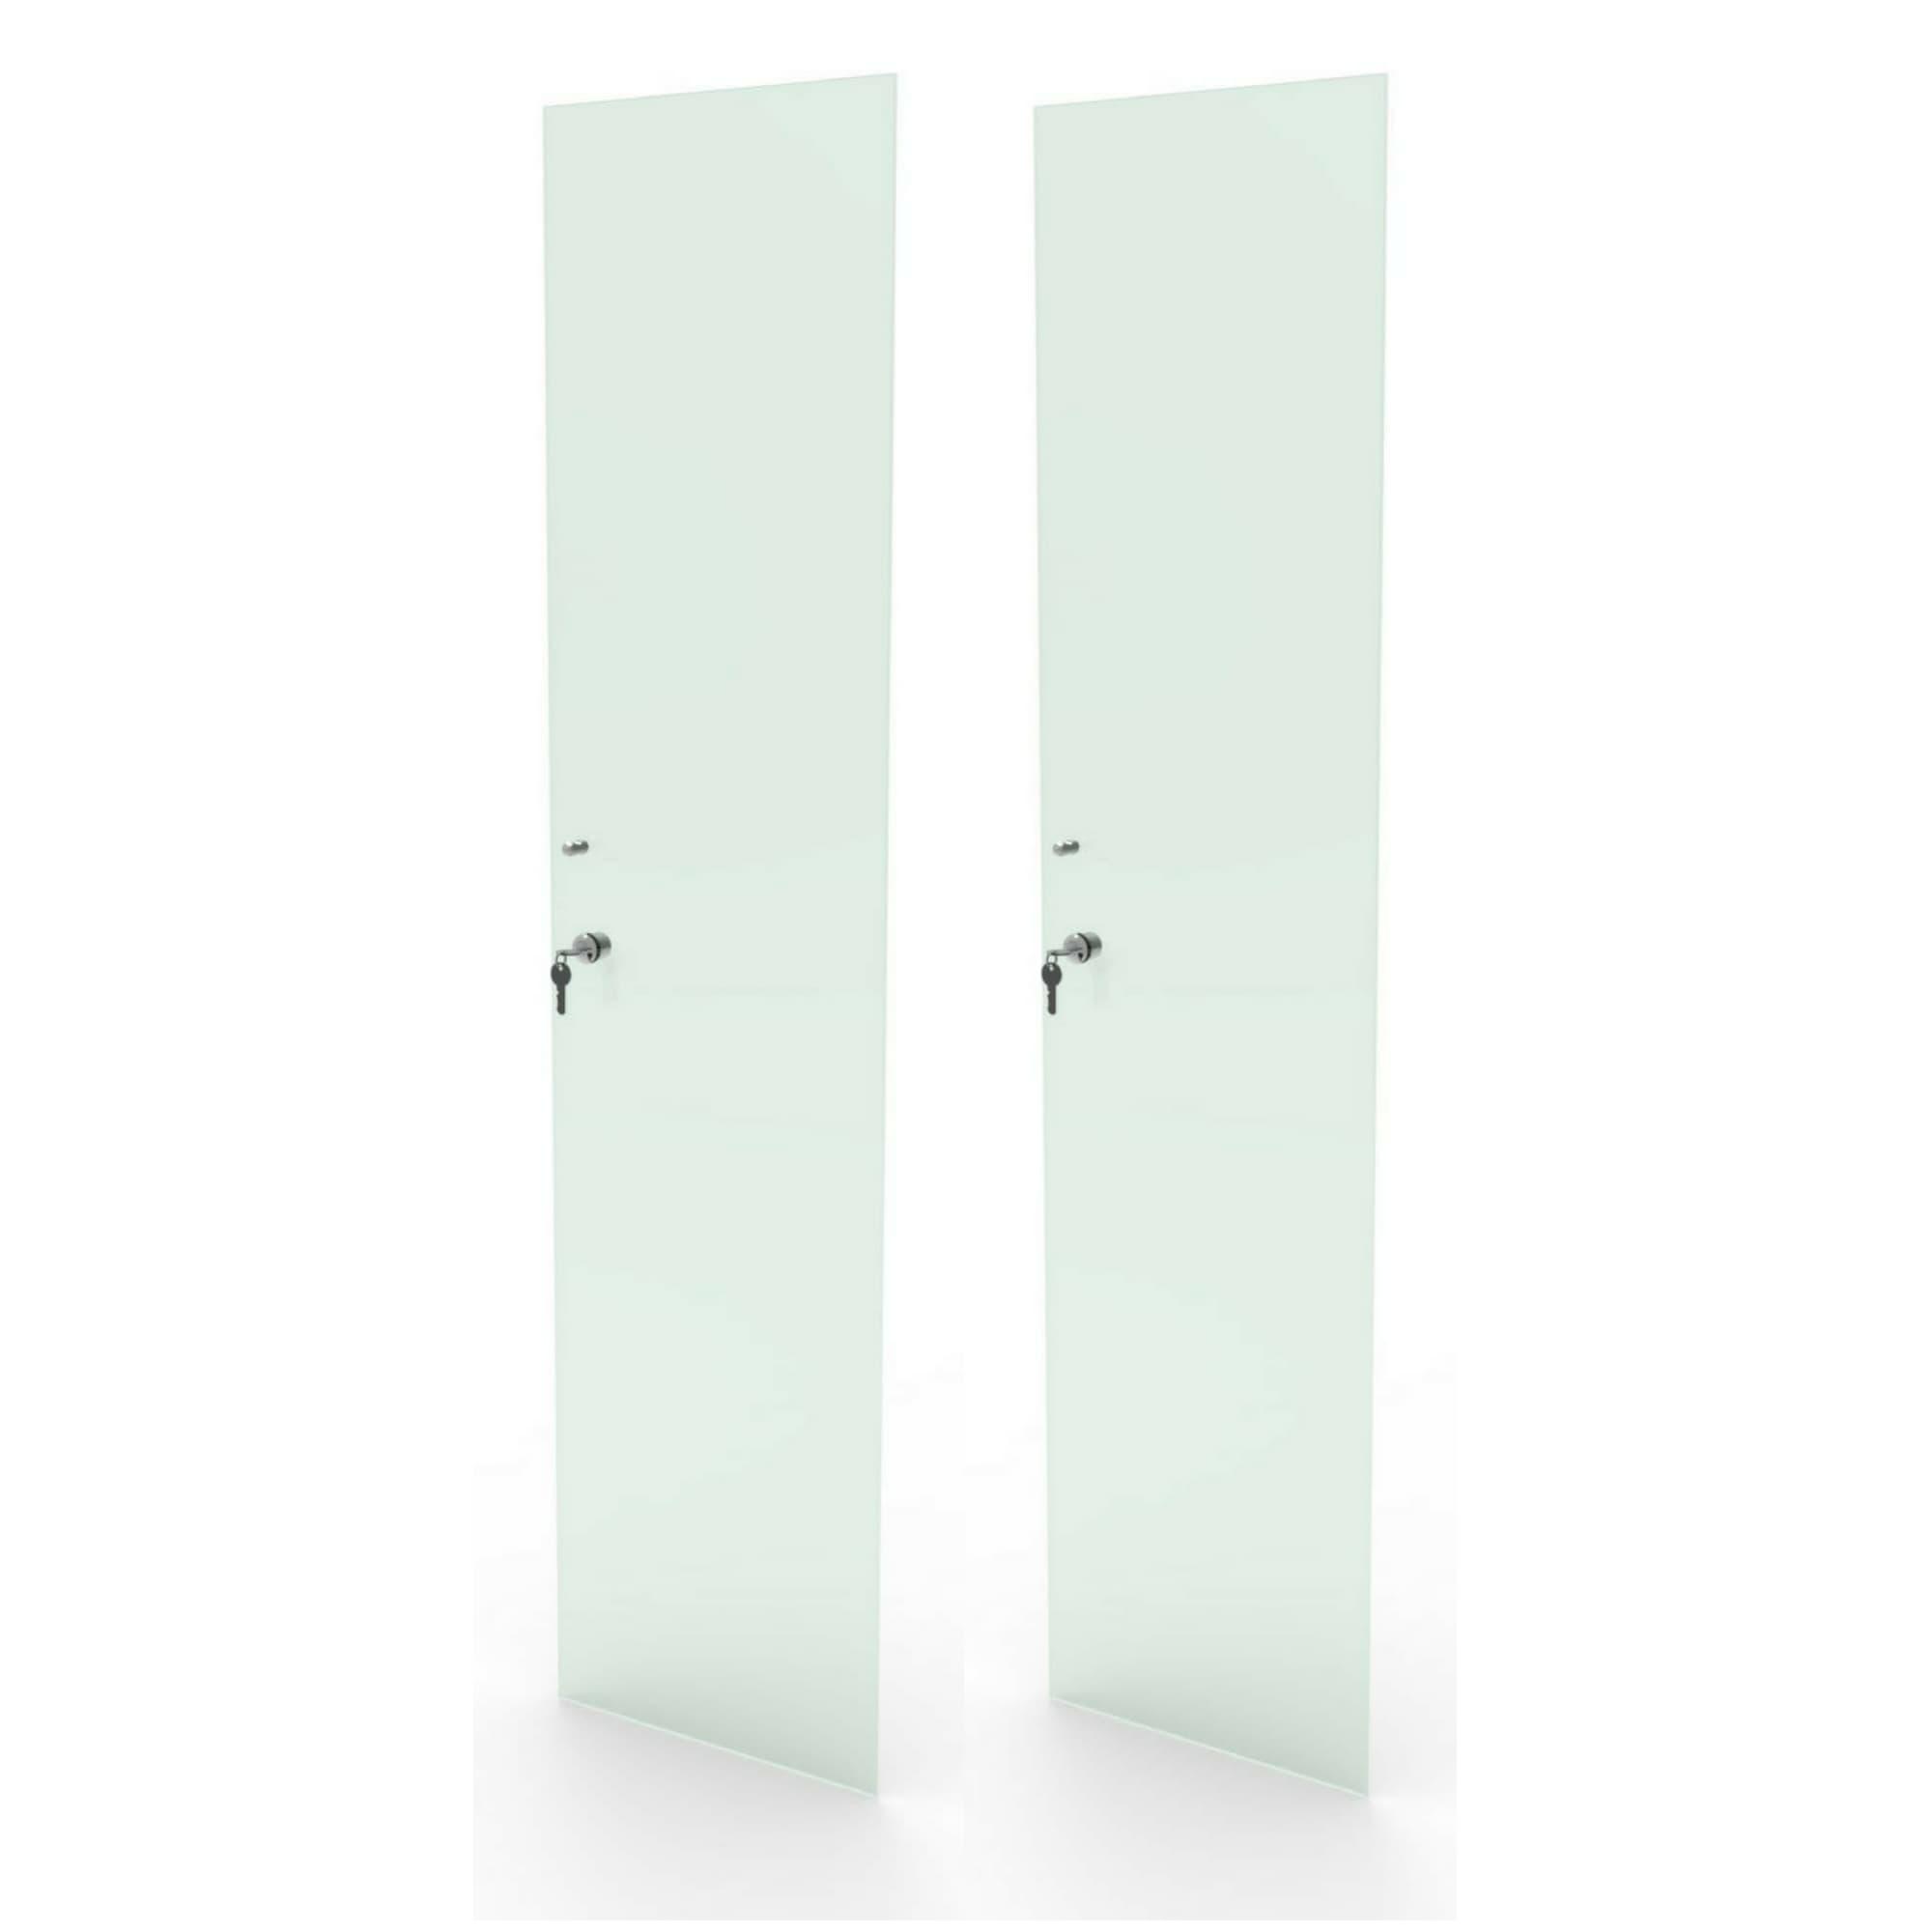 Kit 2 portas de vidro incolor com chave para estante CD e DV